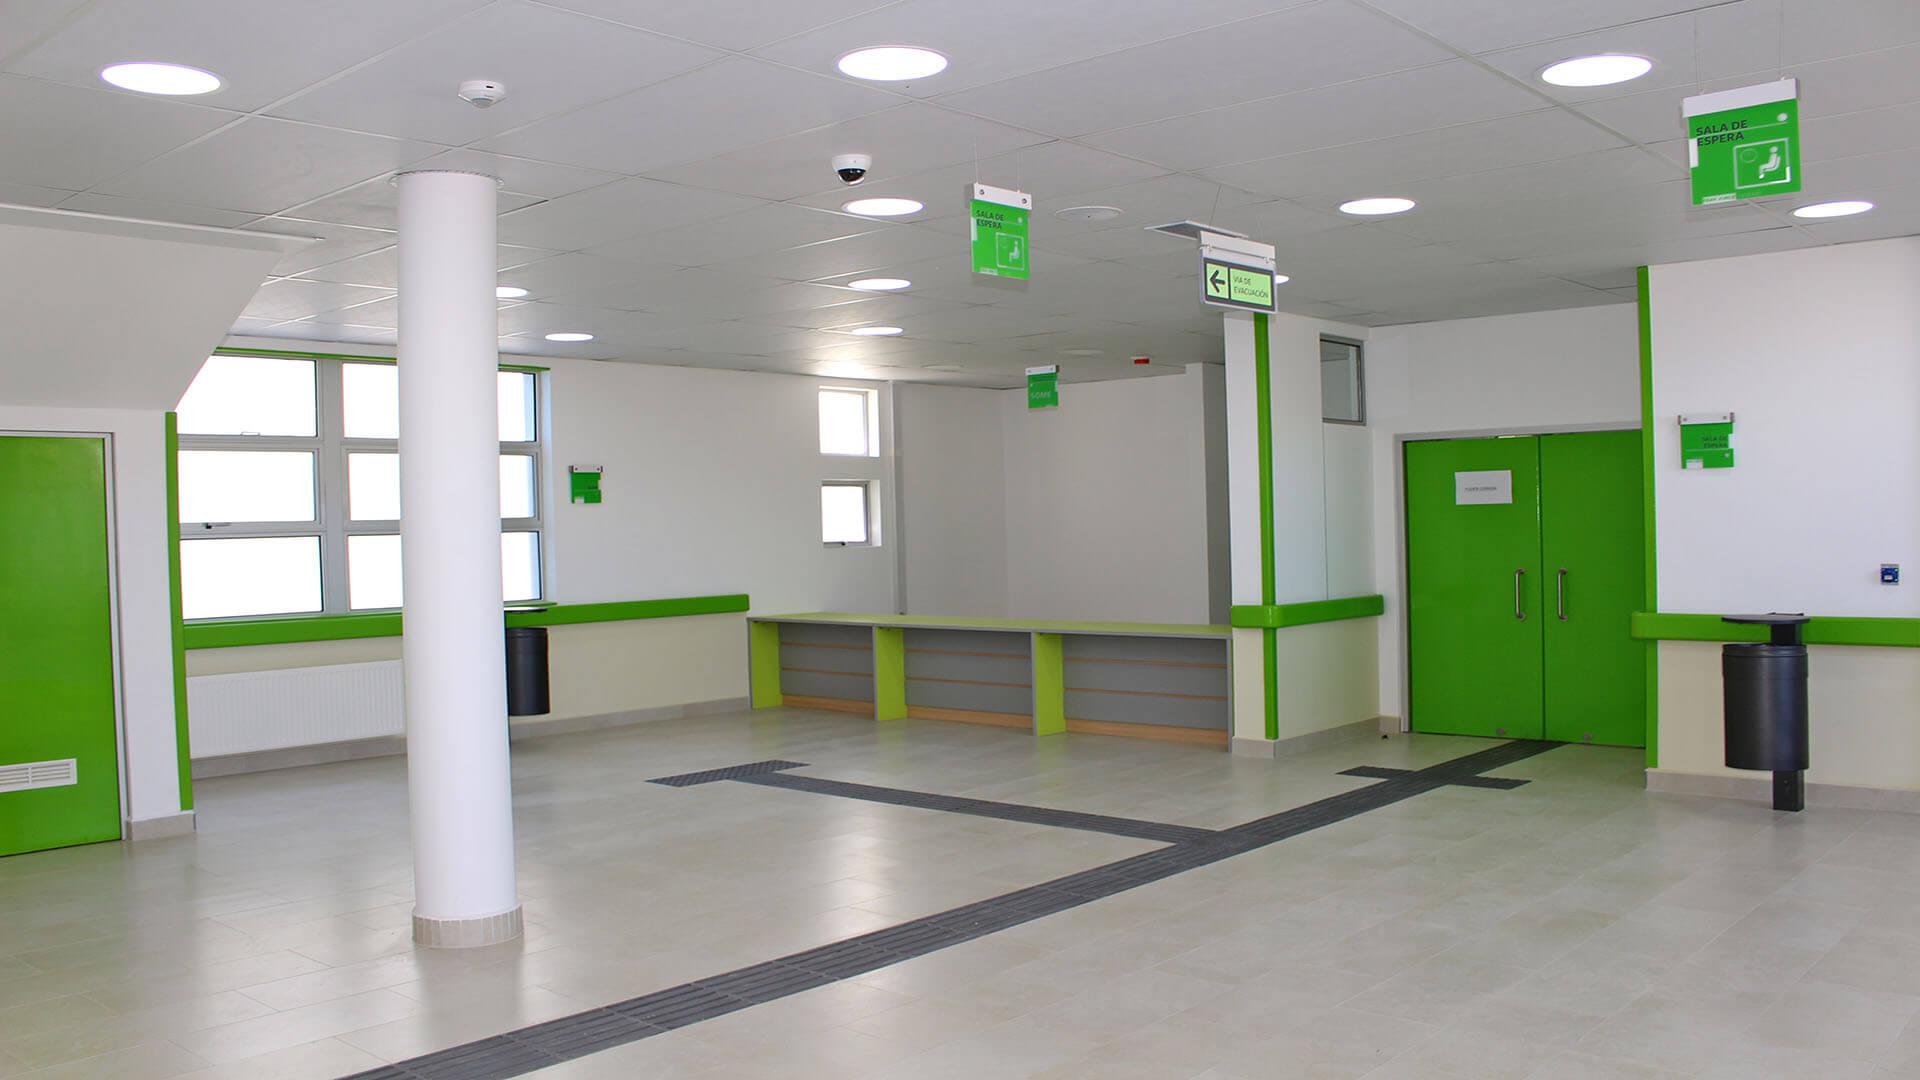 Cesfam-Ovalle-Sala-de-espera-Constructora-Rencoret